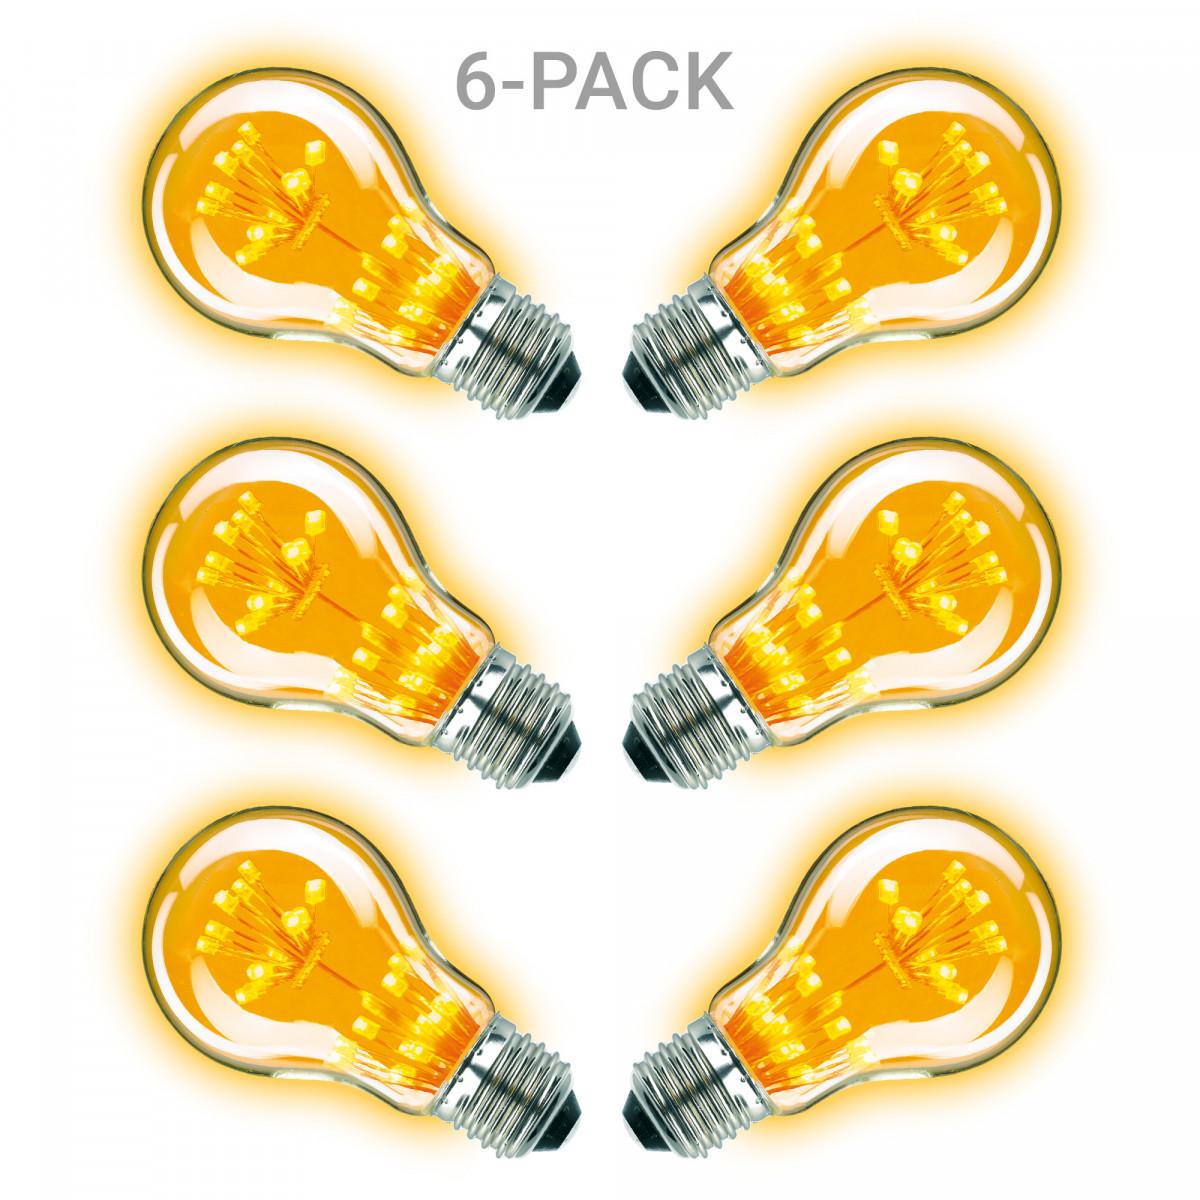 6-pack Classic ledlamp 5883x6